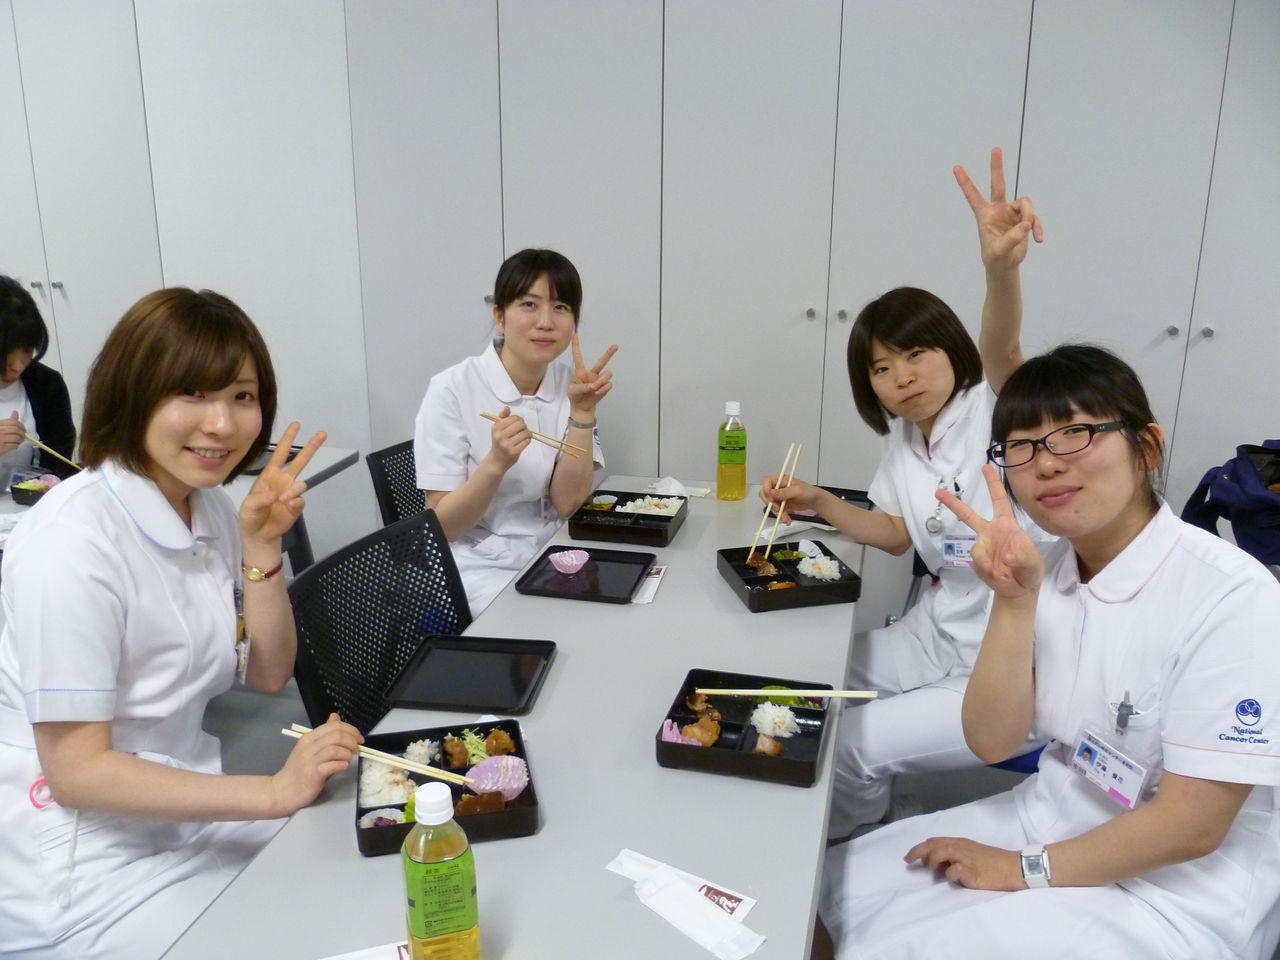 センター 病院 が ん 研究 国立 東